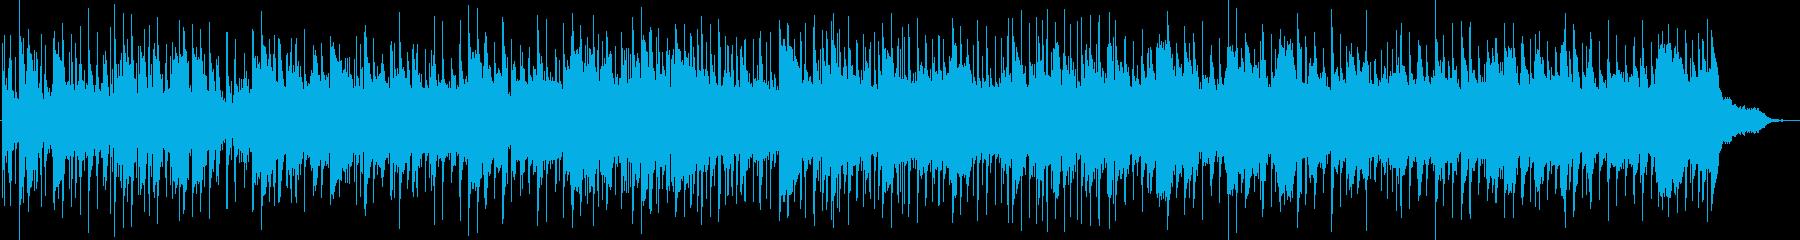 夏の終わりをイメージしたフォークロックの再生済みの波形